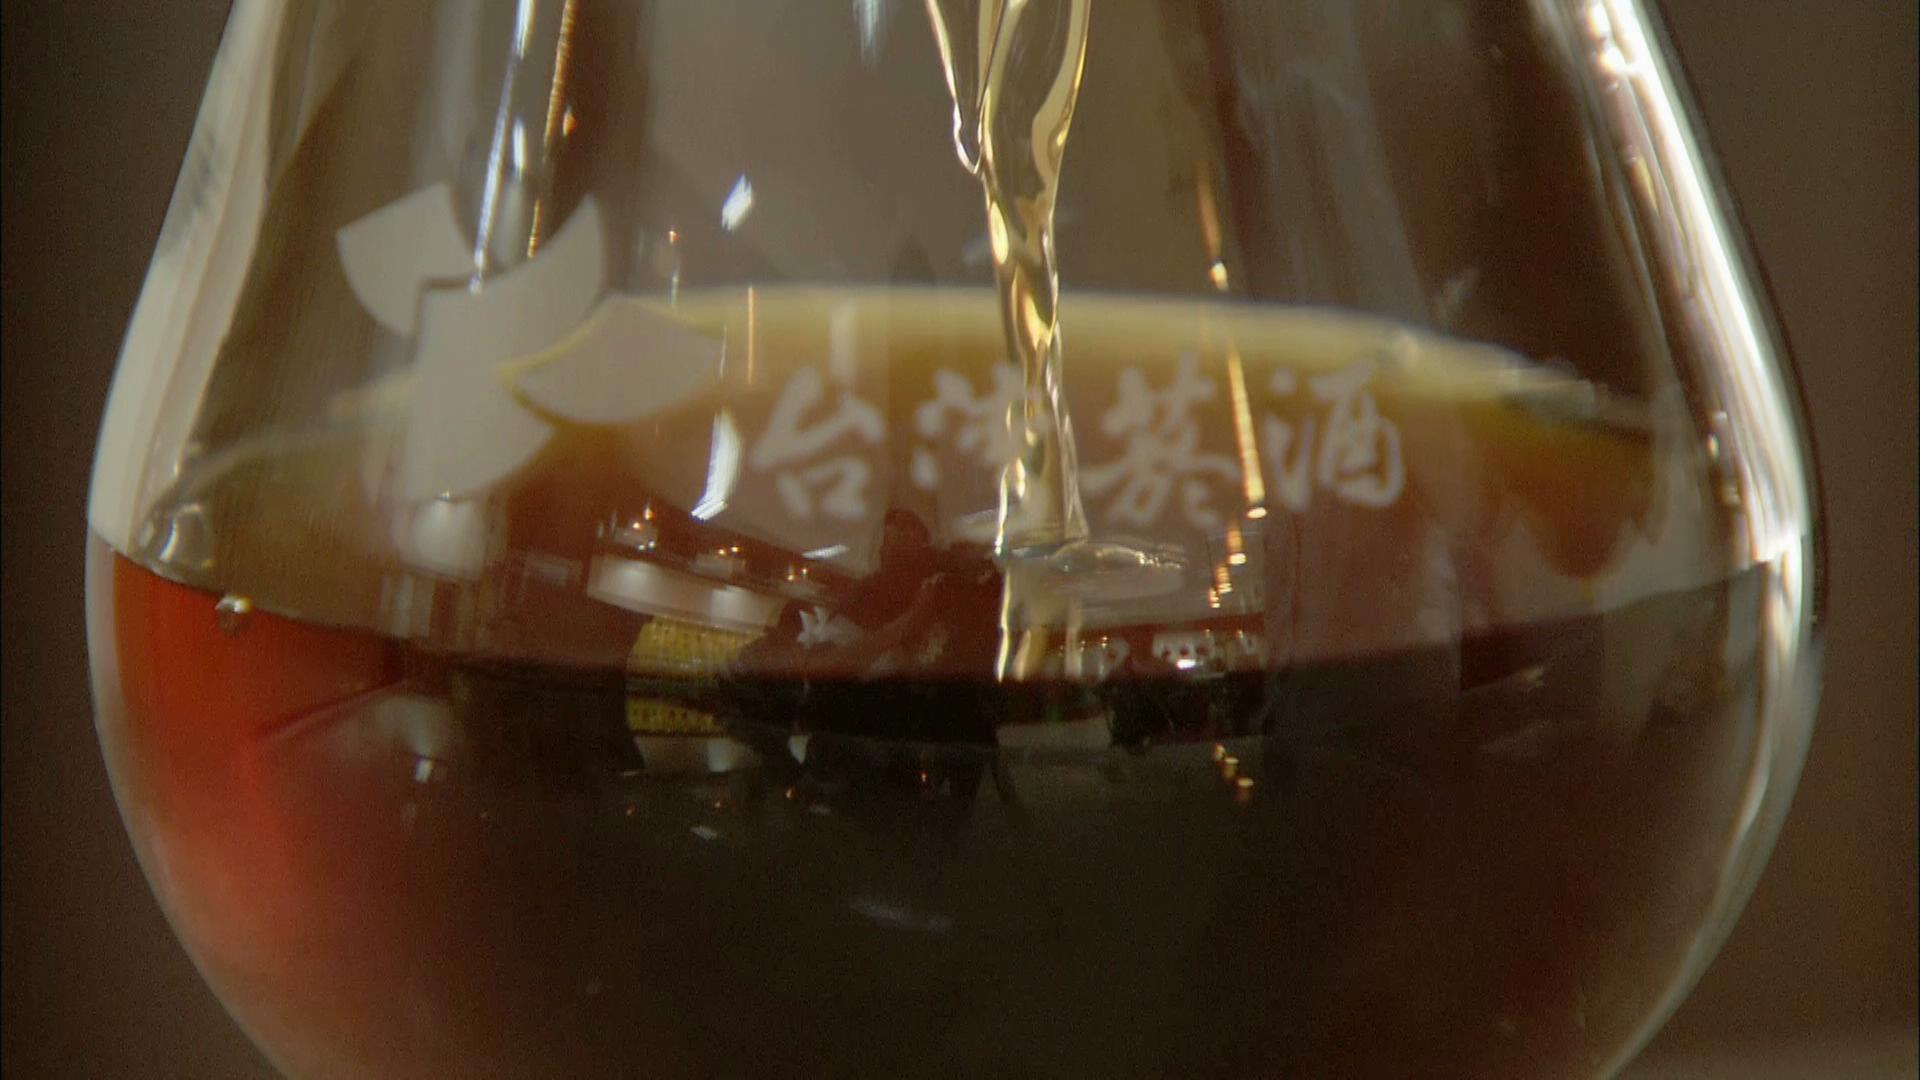 倒紅酒酒窖高清實拍視頻素材